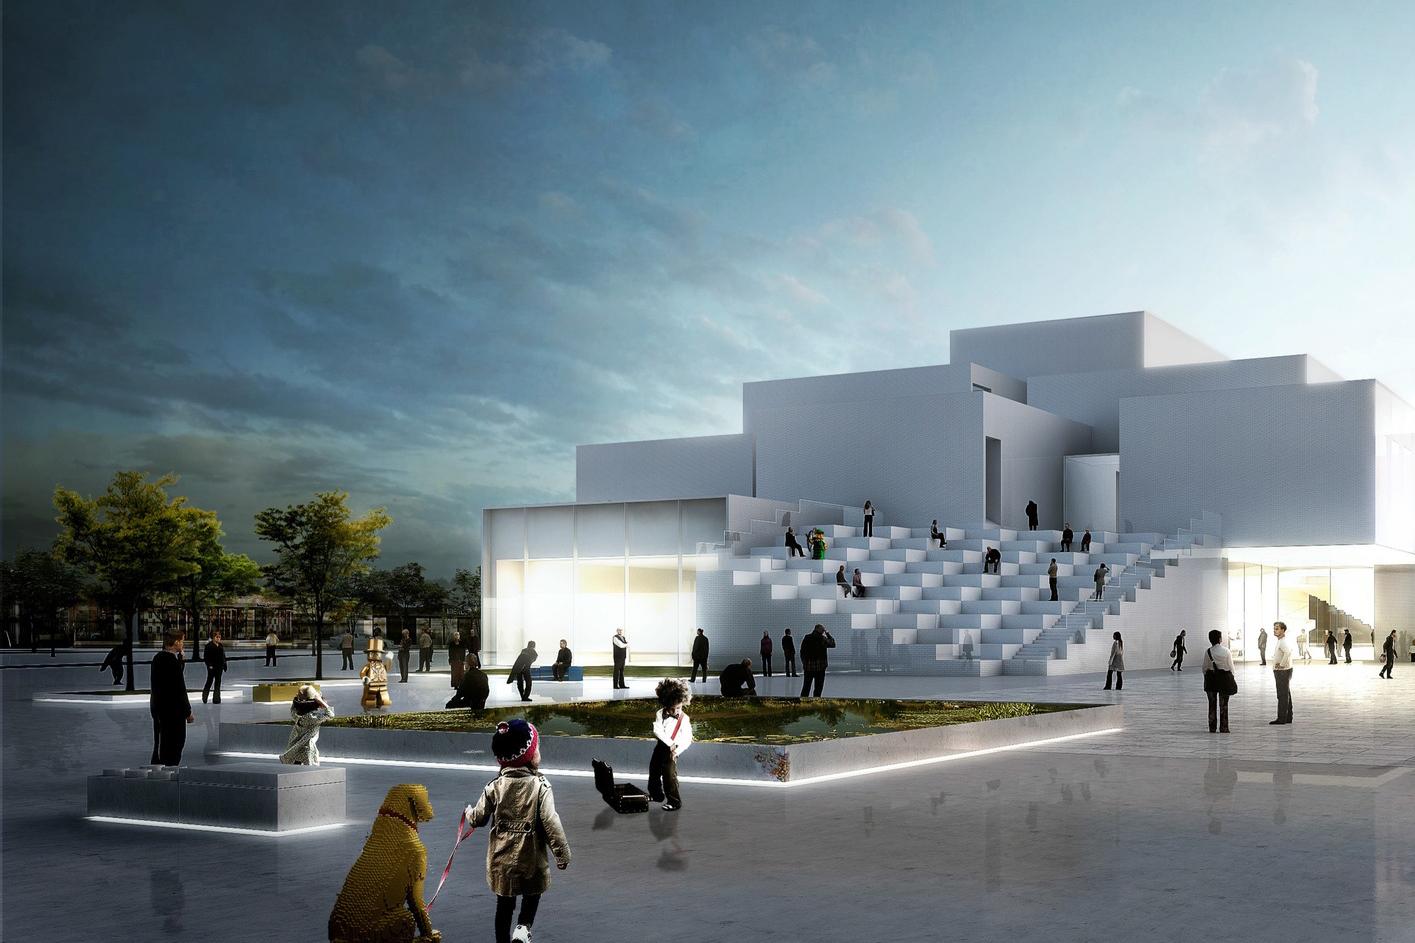 LEGO Experience Center Construction Denmark - 3749943